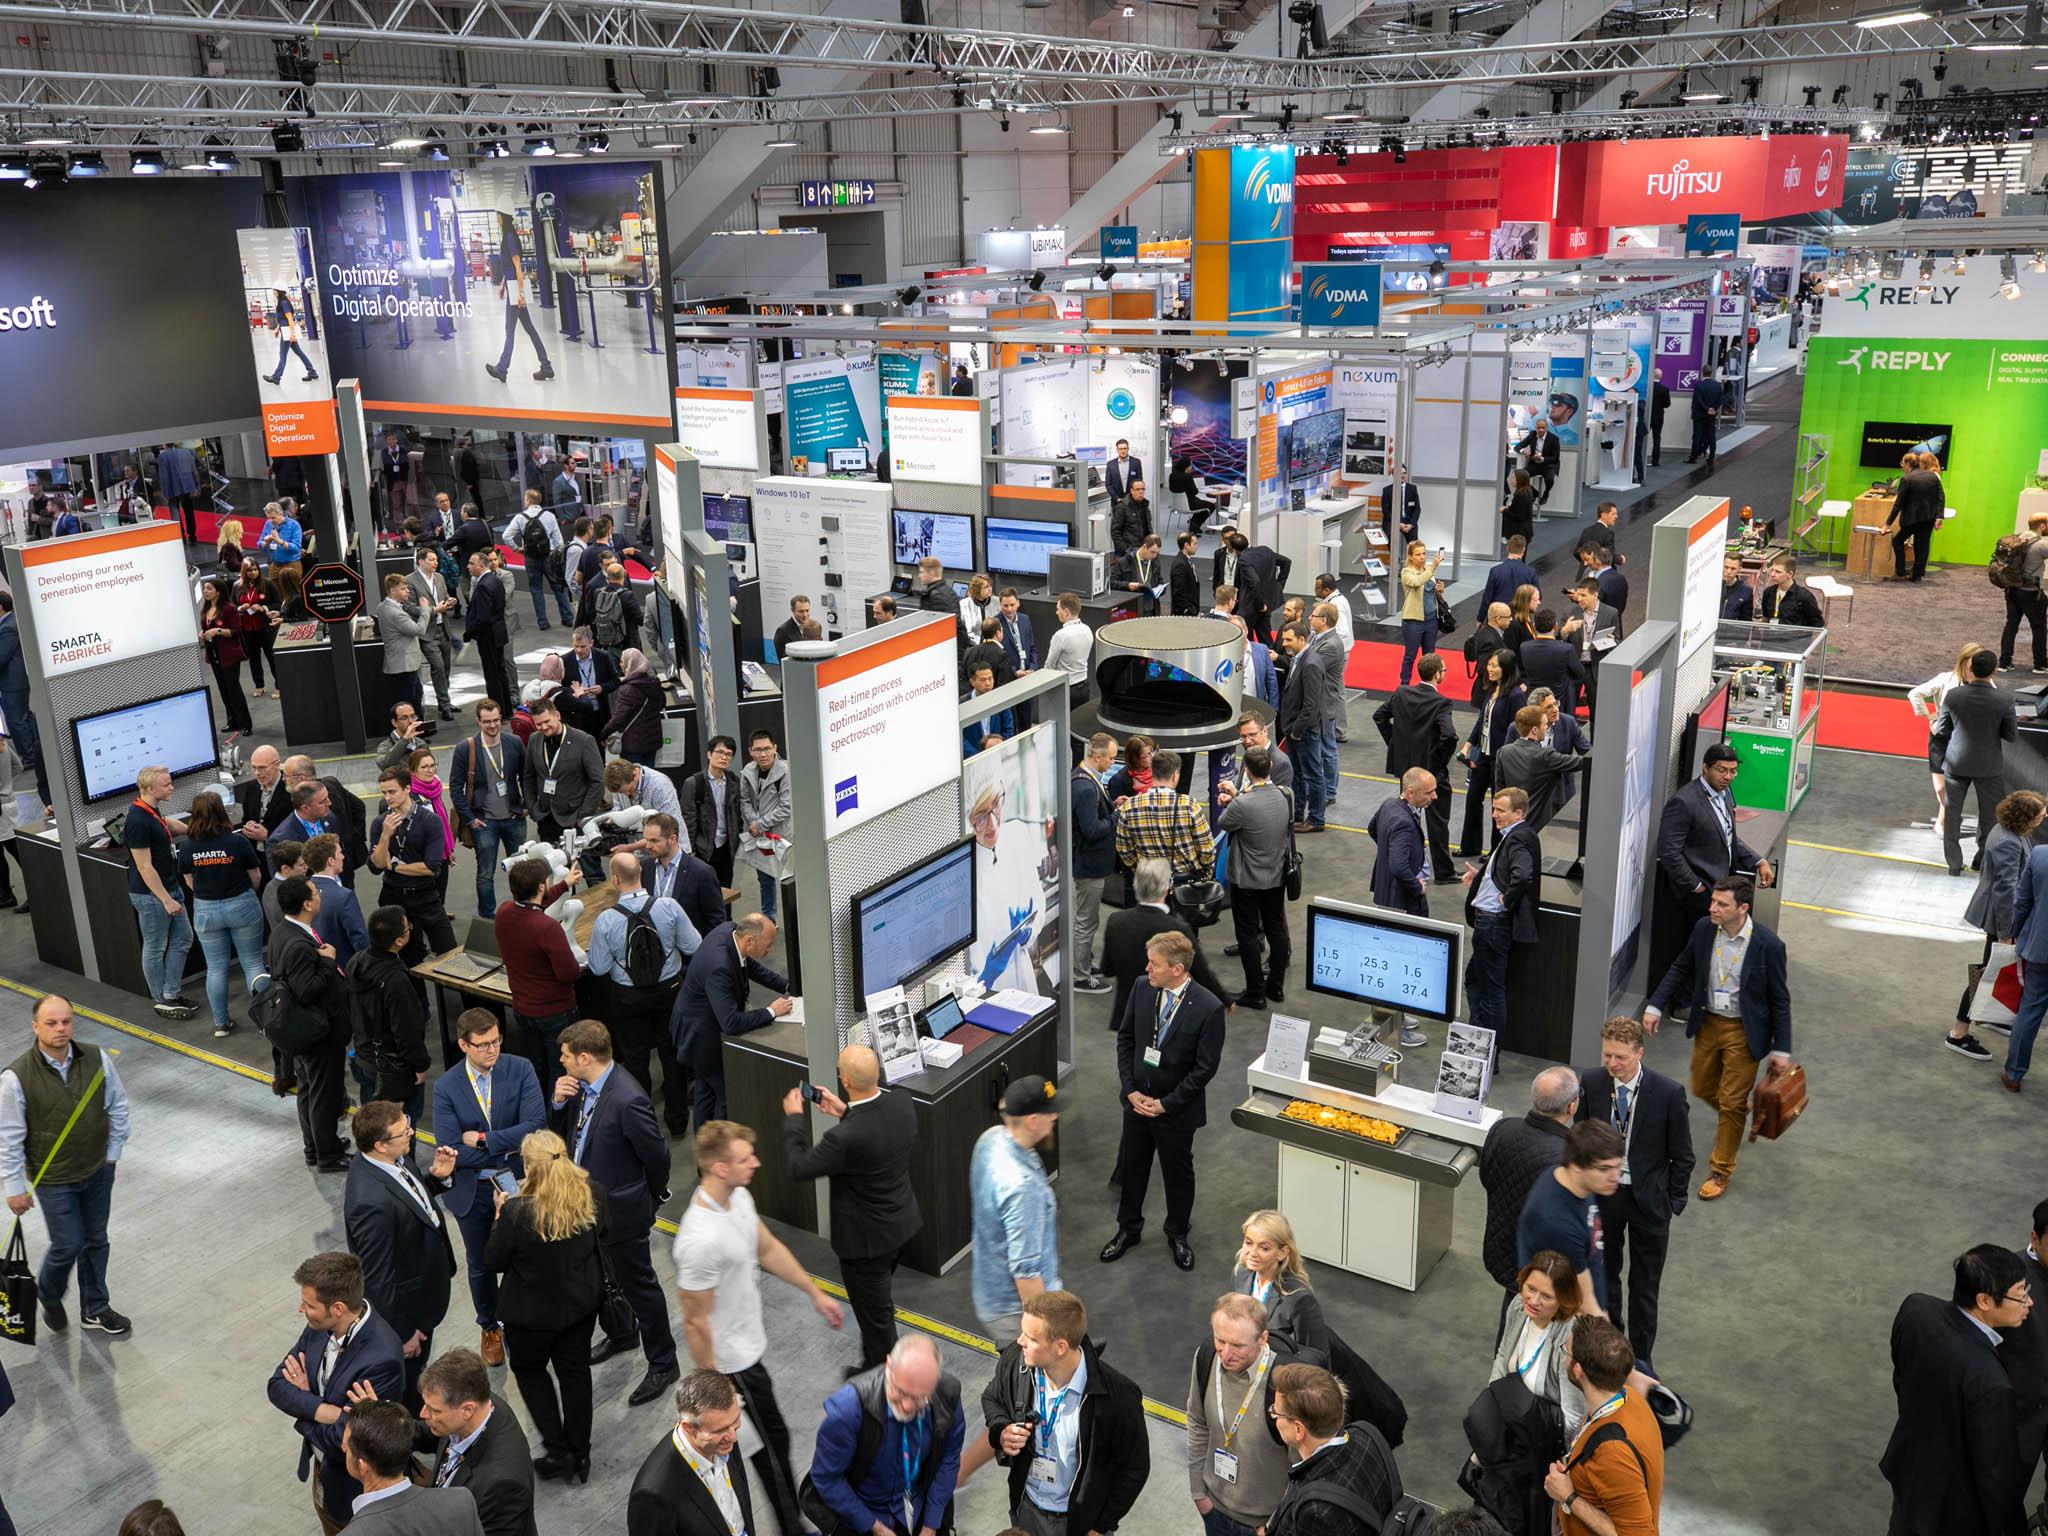 Pražské konference Ignite The Tour se zúčastní 350odborníků narůzné technologie Microsoftu.